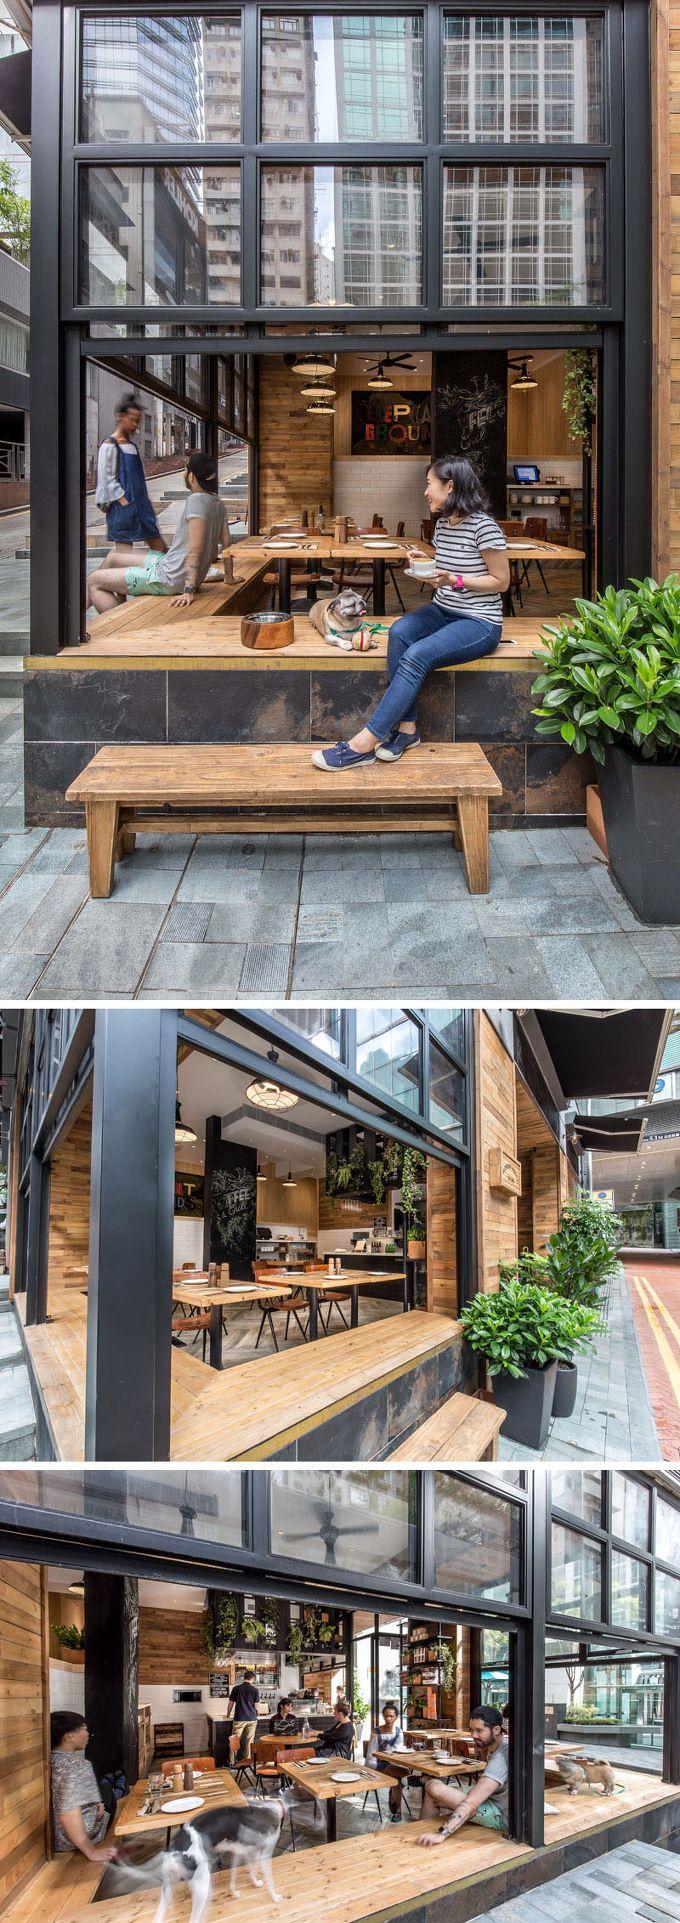 *홍콩 스트리트 카페, 엘리펀트 그라운드 [ JJA/Bespoke Architecture ] Elephant Grounds :: 5osA: [오사]